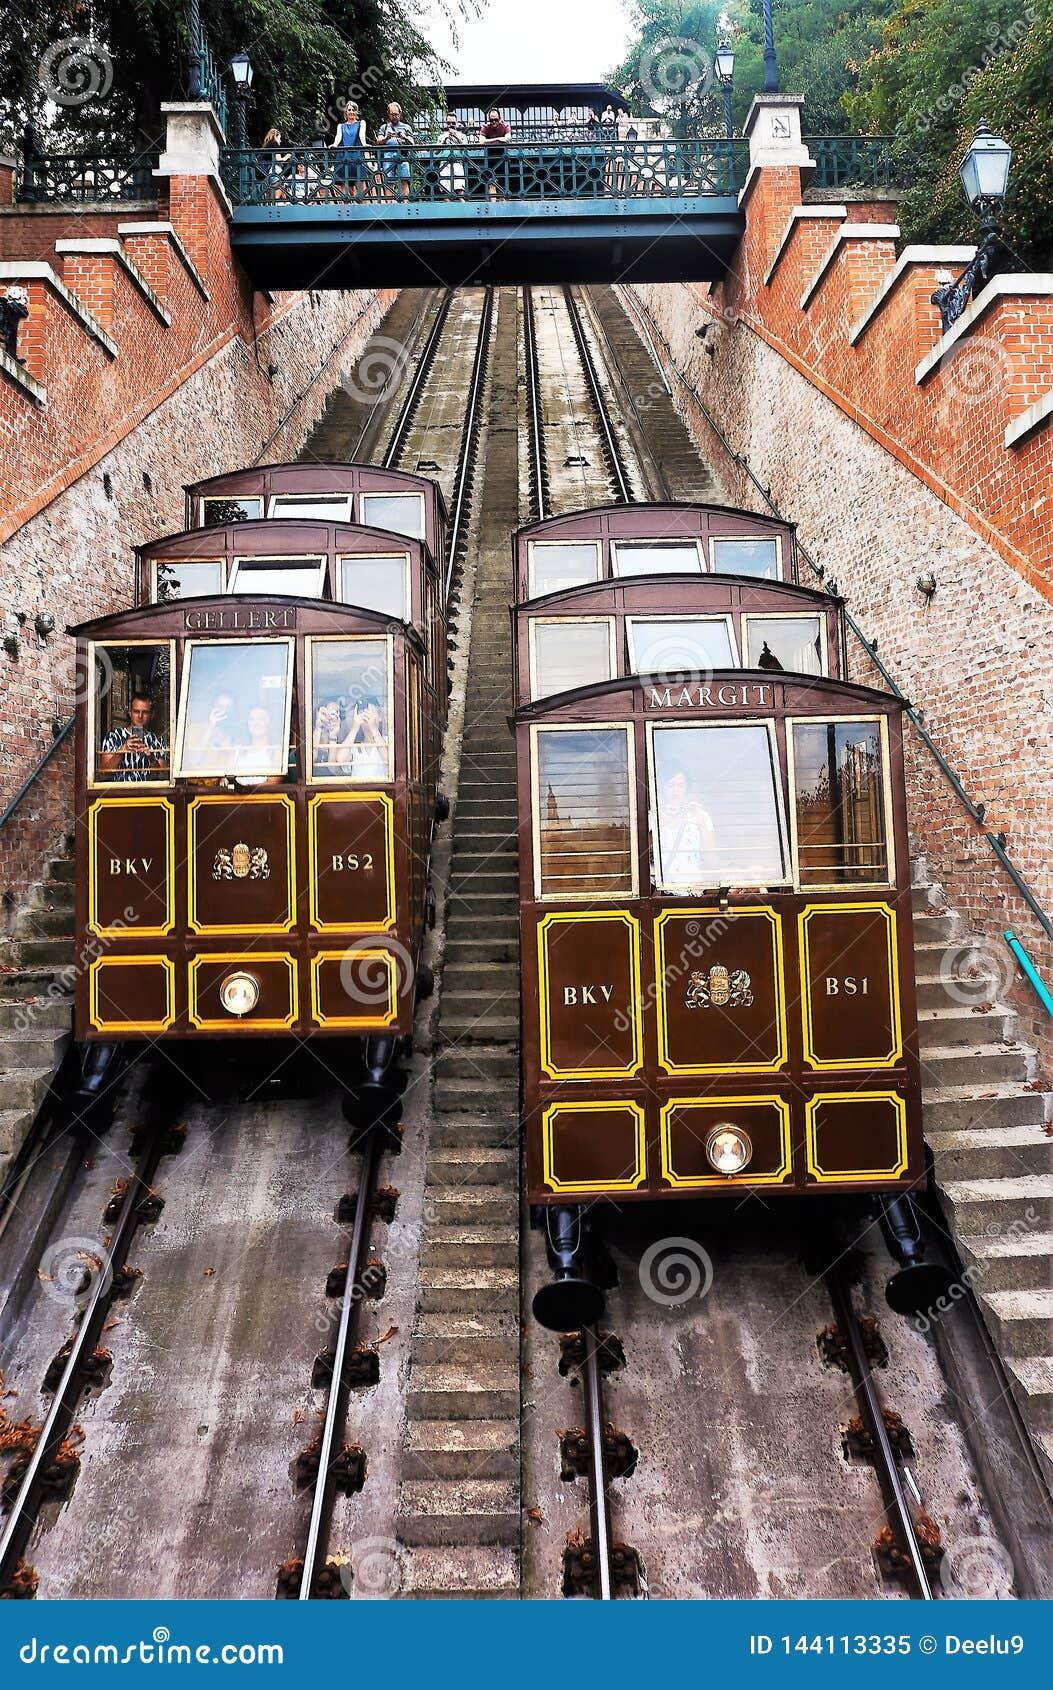 08/11/2018 Budapest, Hungría Tranvía funicular de Buda Castle Hill